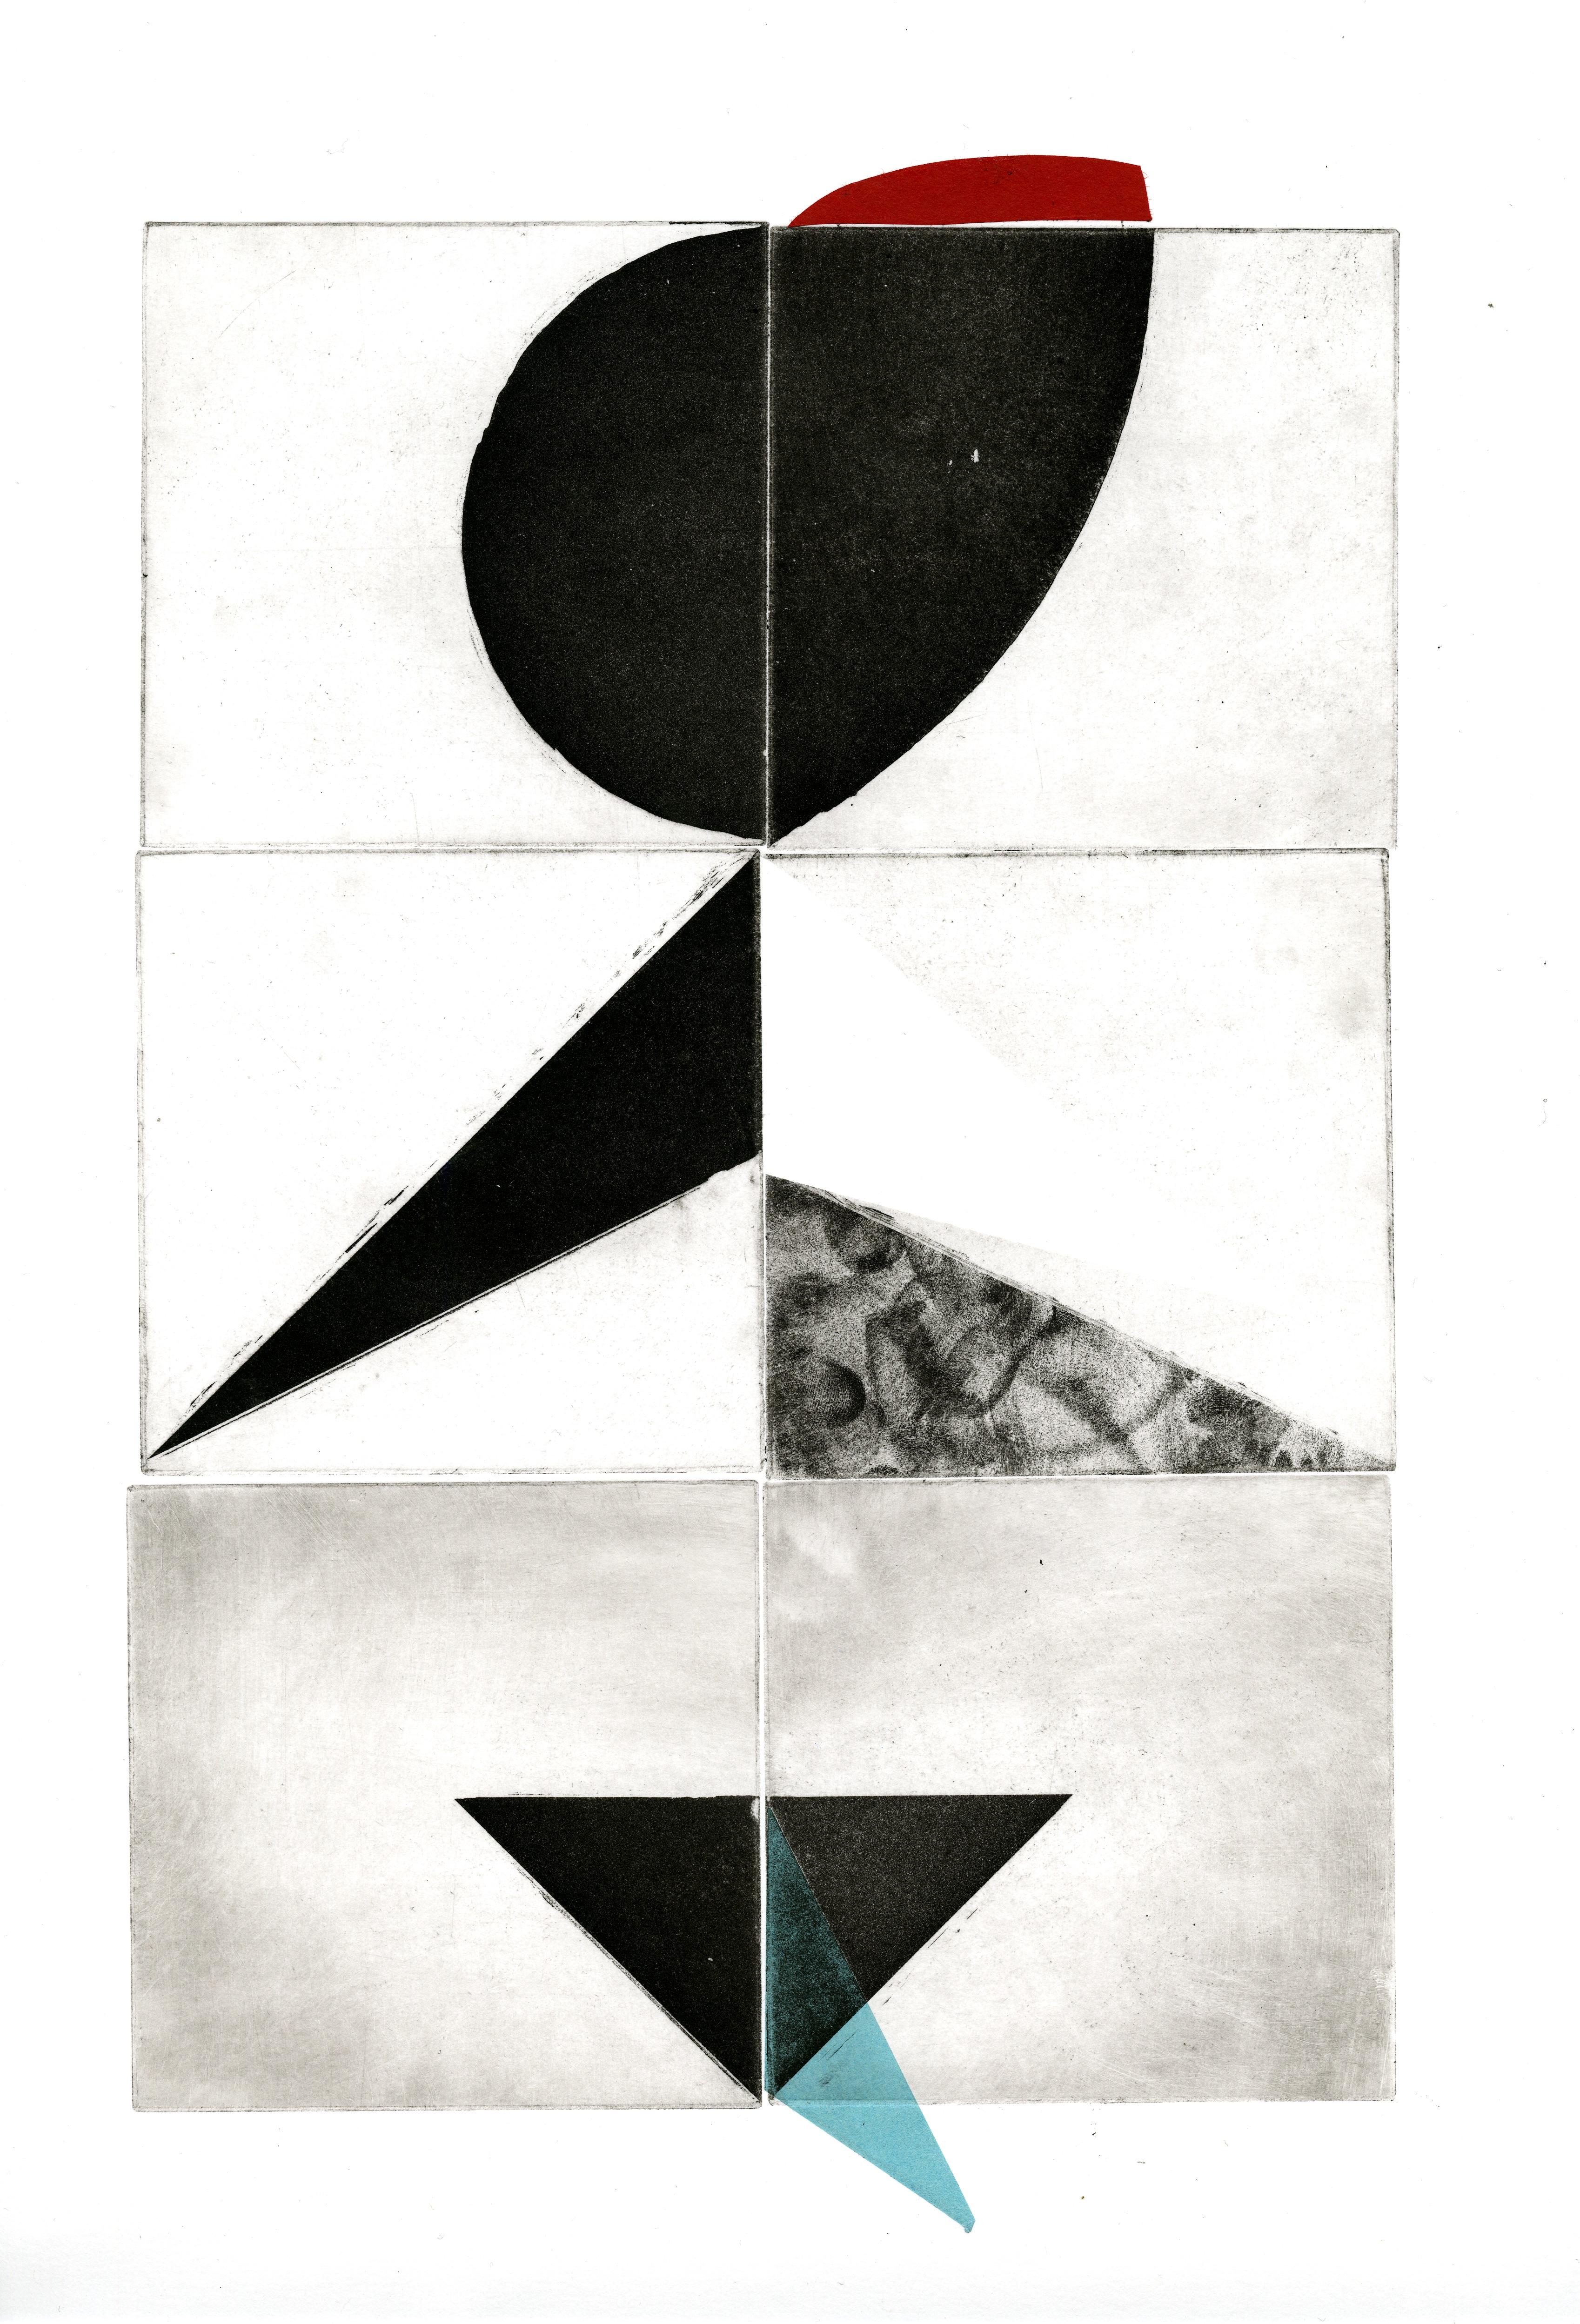 Circles and Squares009